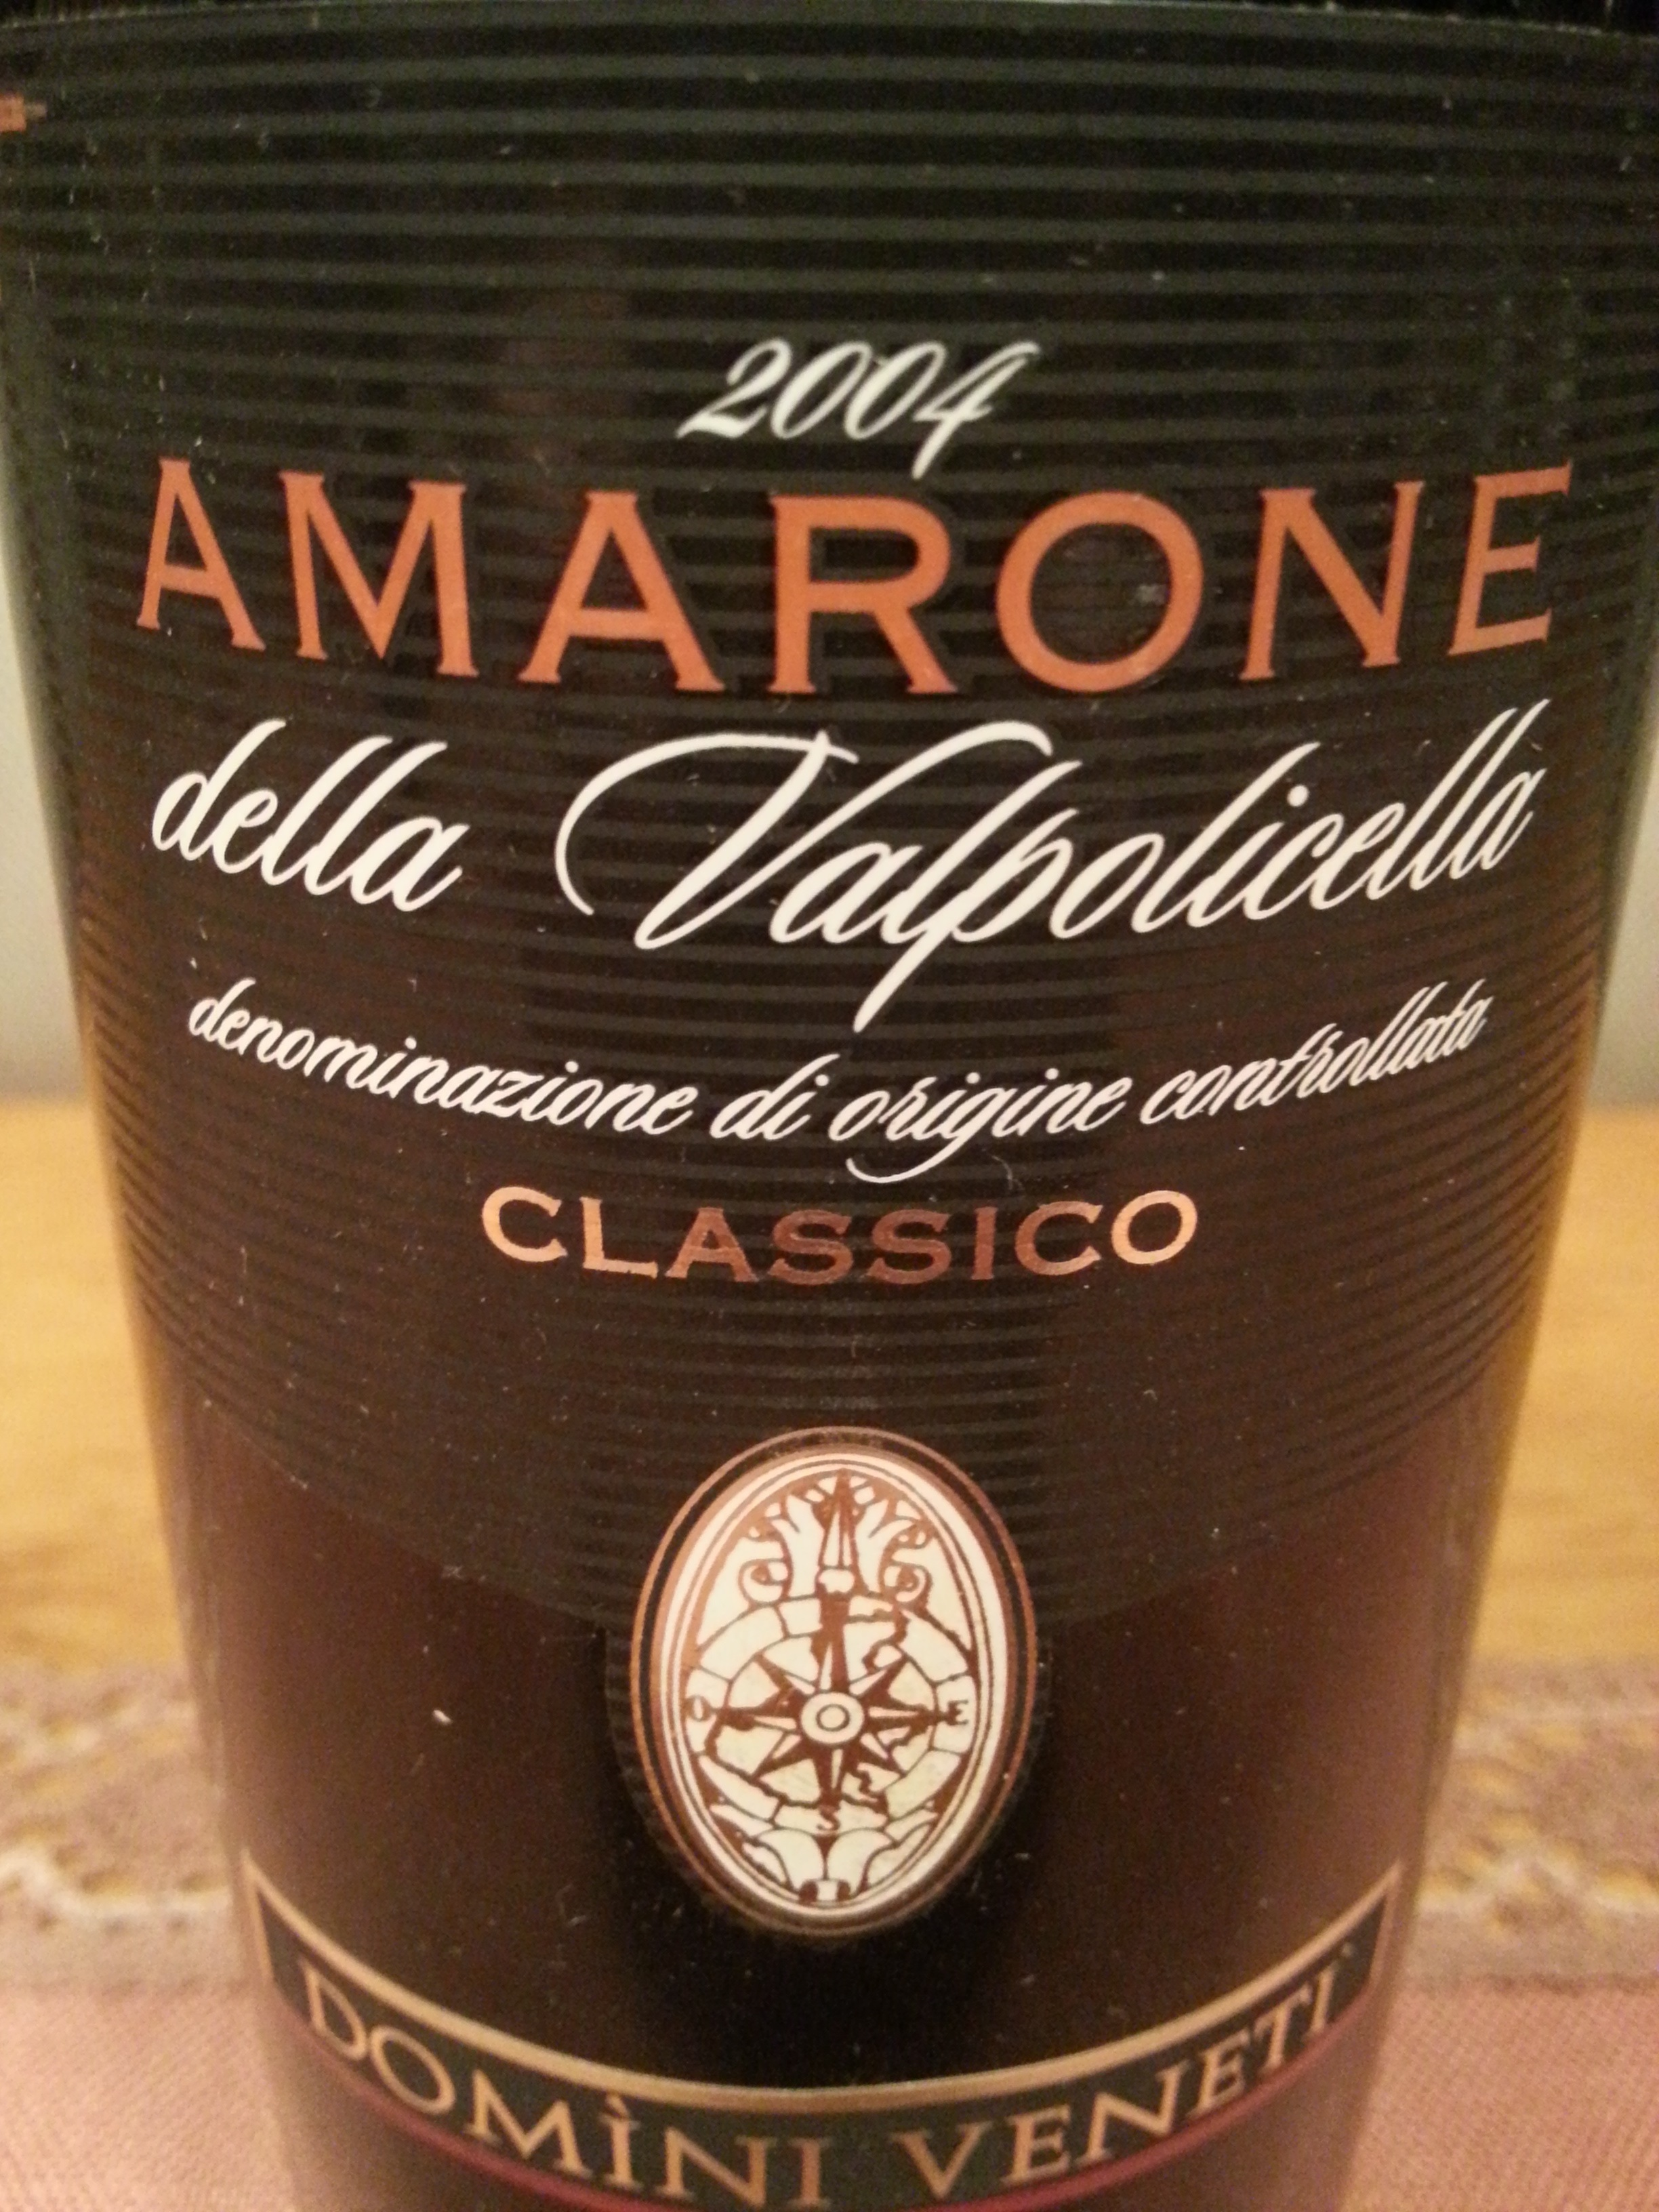 2004 Amarone | Domini Veneti